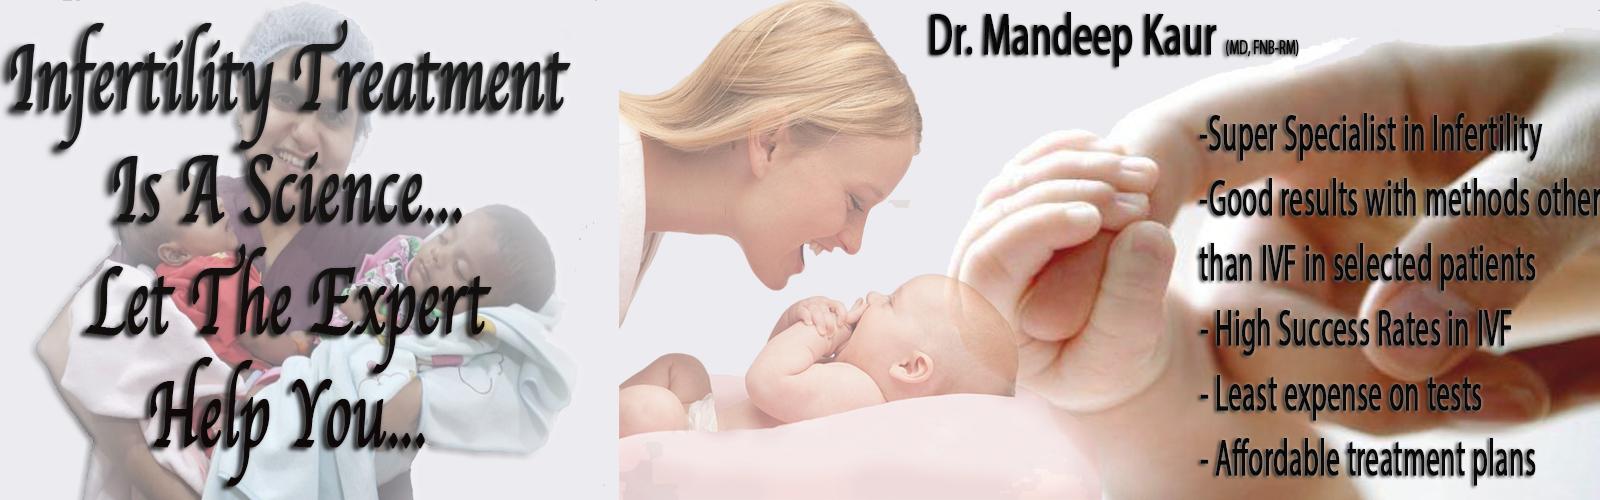 Best Test Tube Baby Center Jalandhar Punjab